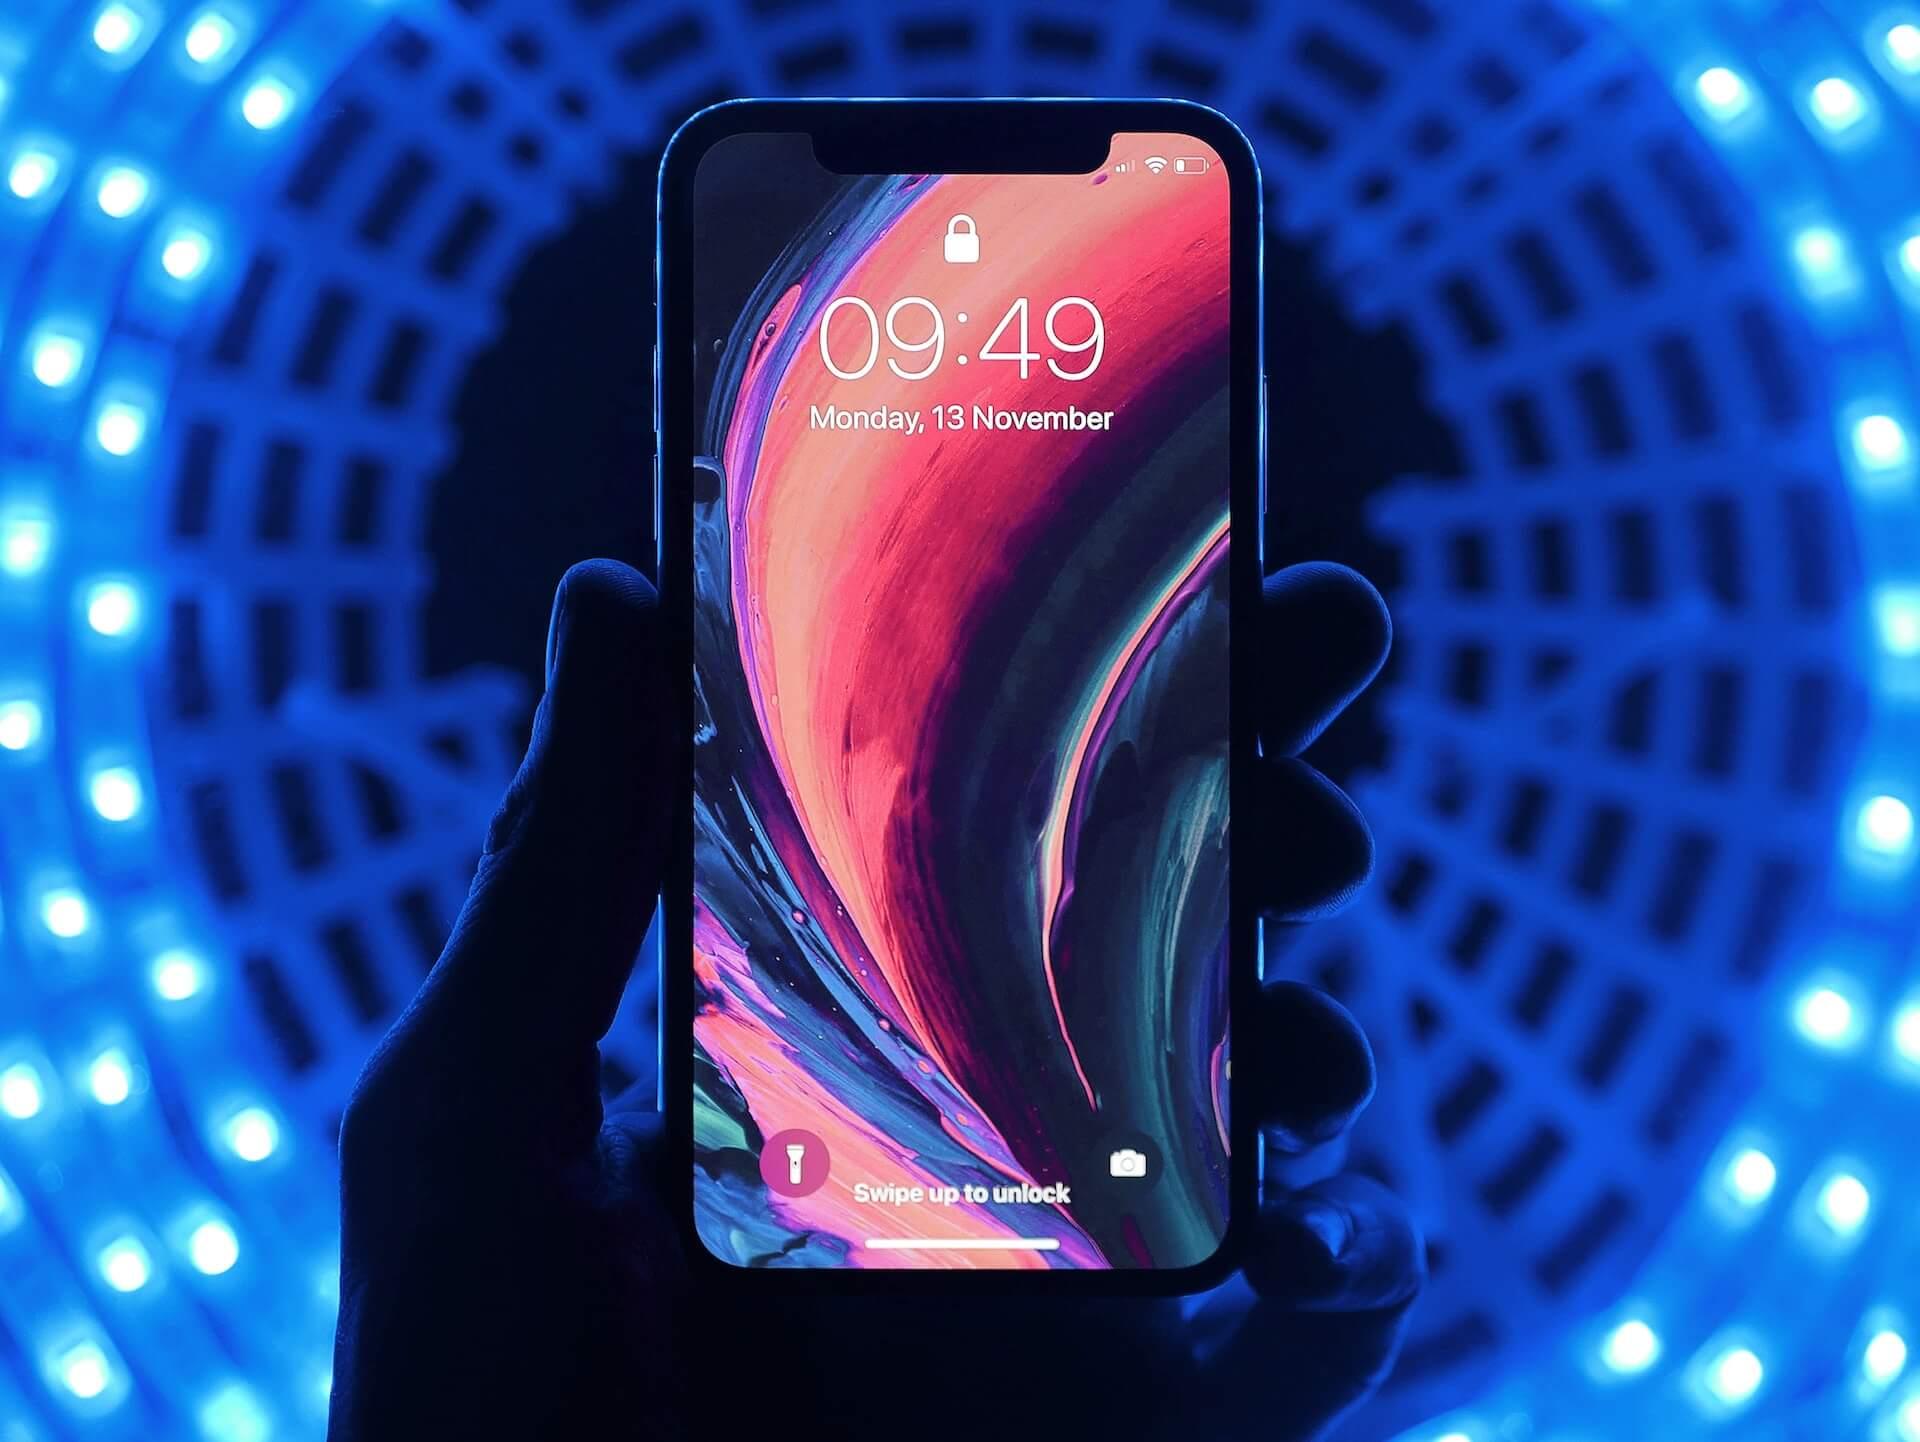 2020年のiPhoneは5G対応の全5モデル?「iPhone SE 2 Plus」が2021年に登場か 完全ワイヤレスのiPhoneも実現? tech191206_iphone_2020_2021_main